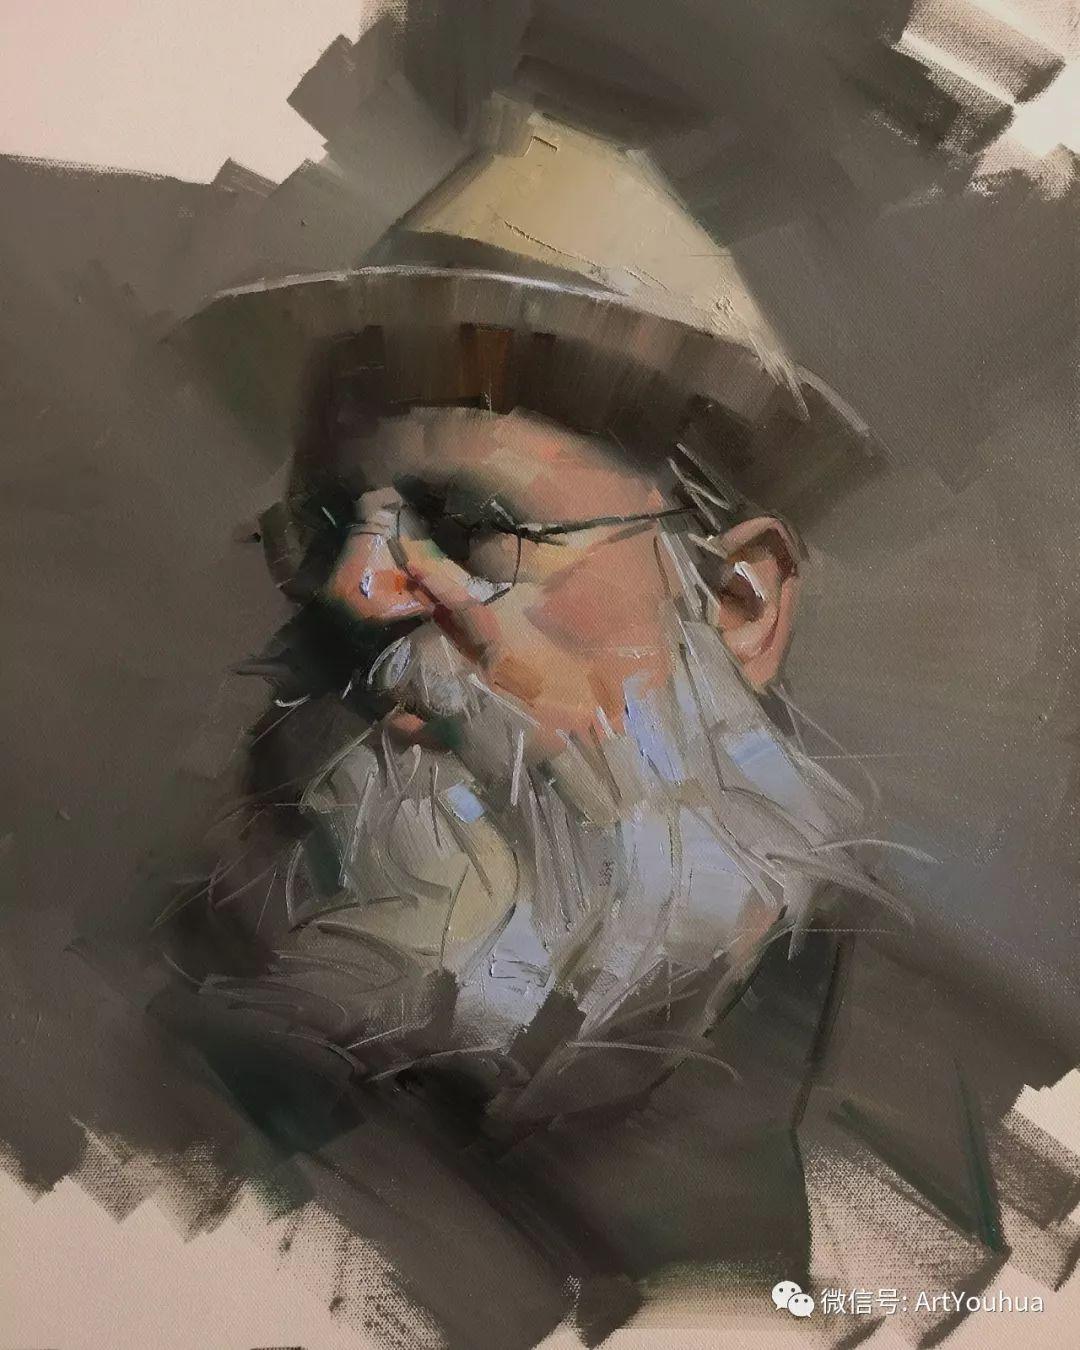 他的人物肖像绘画独具一格 还是位80后画家插图9